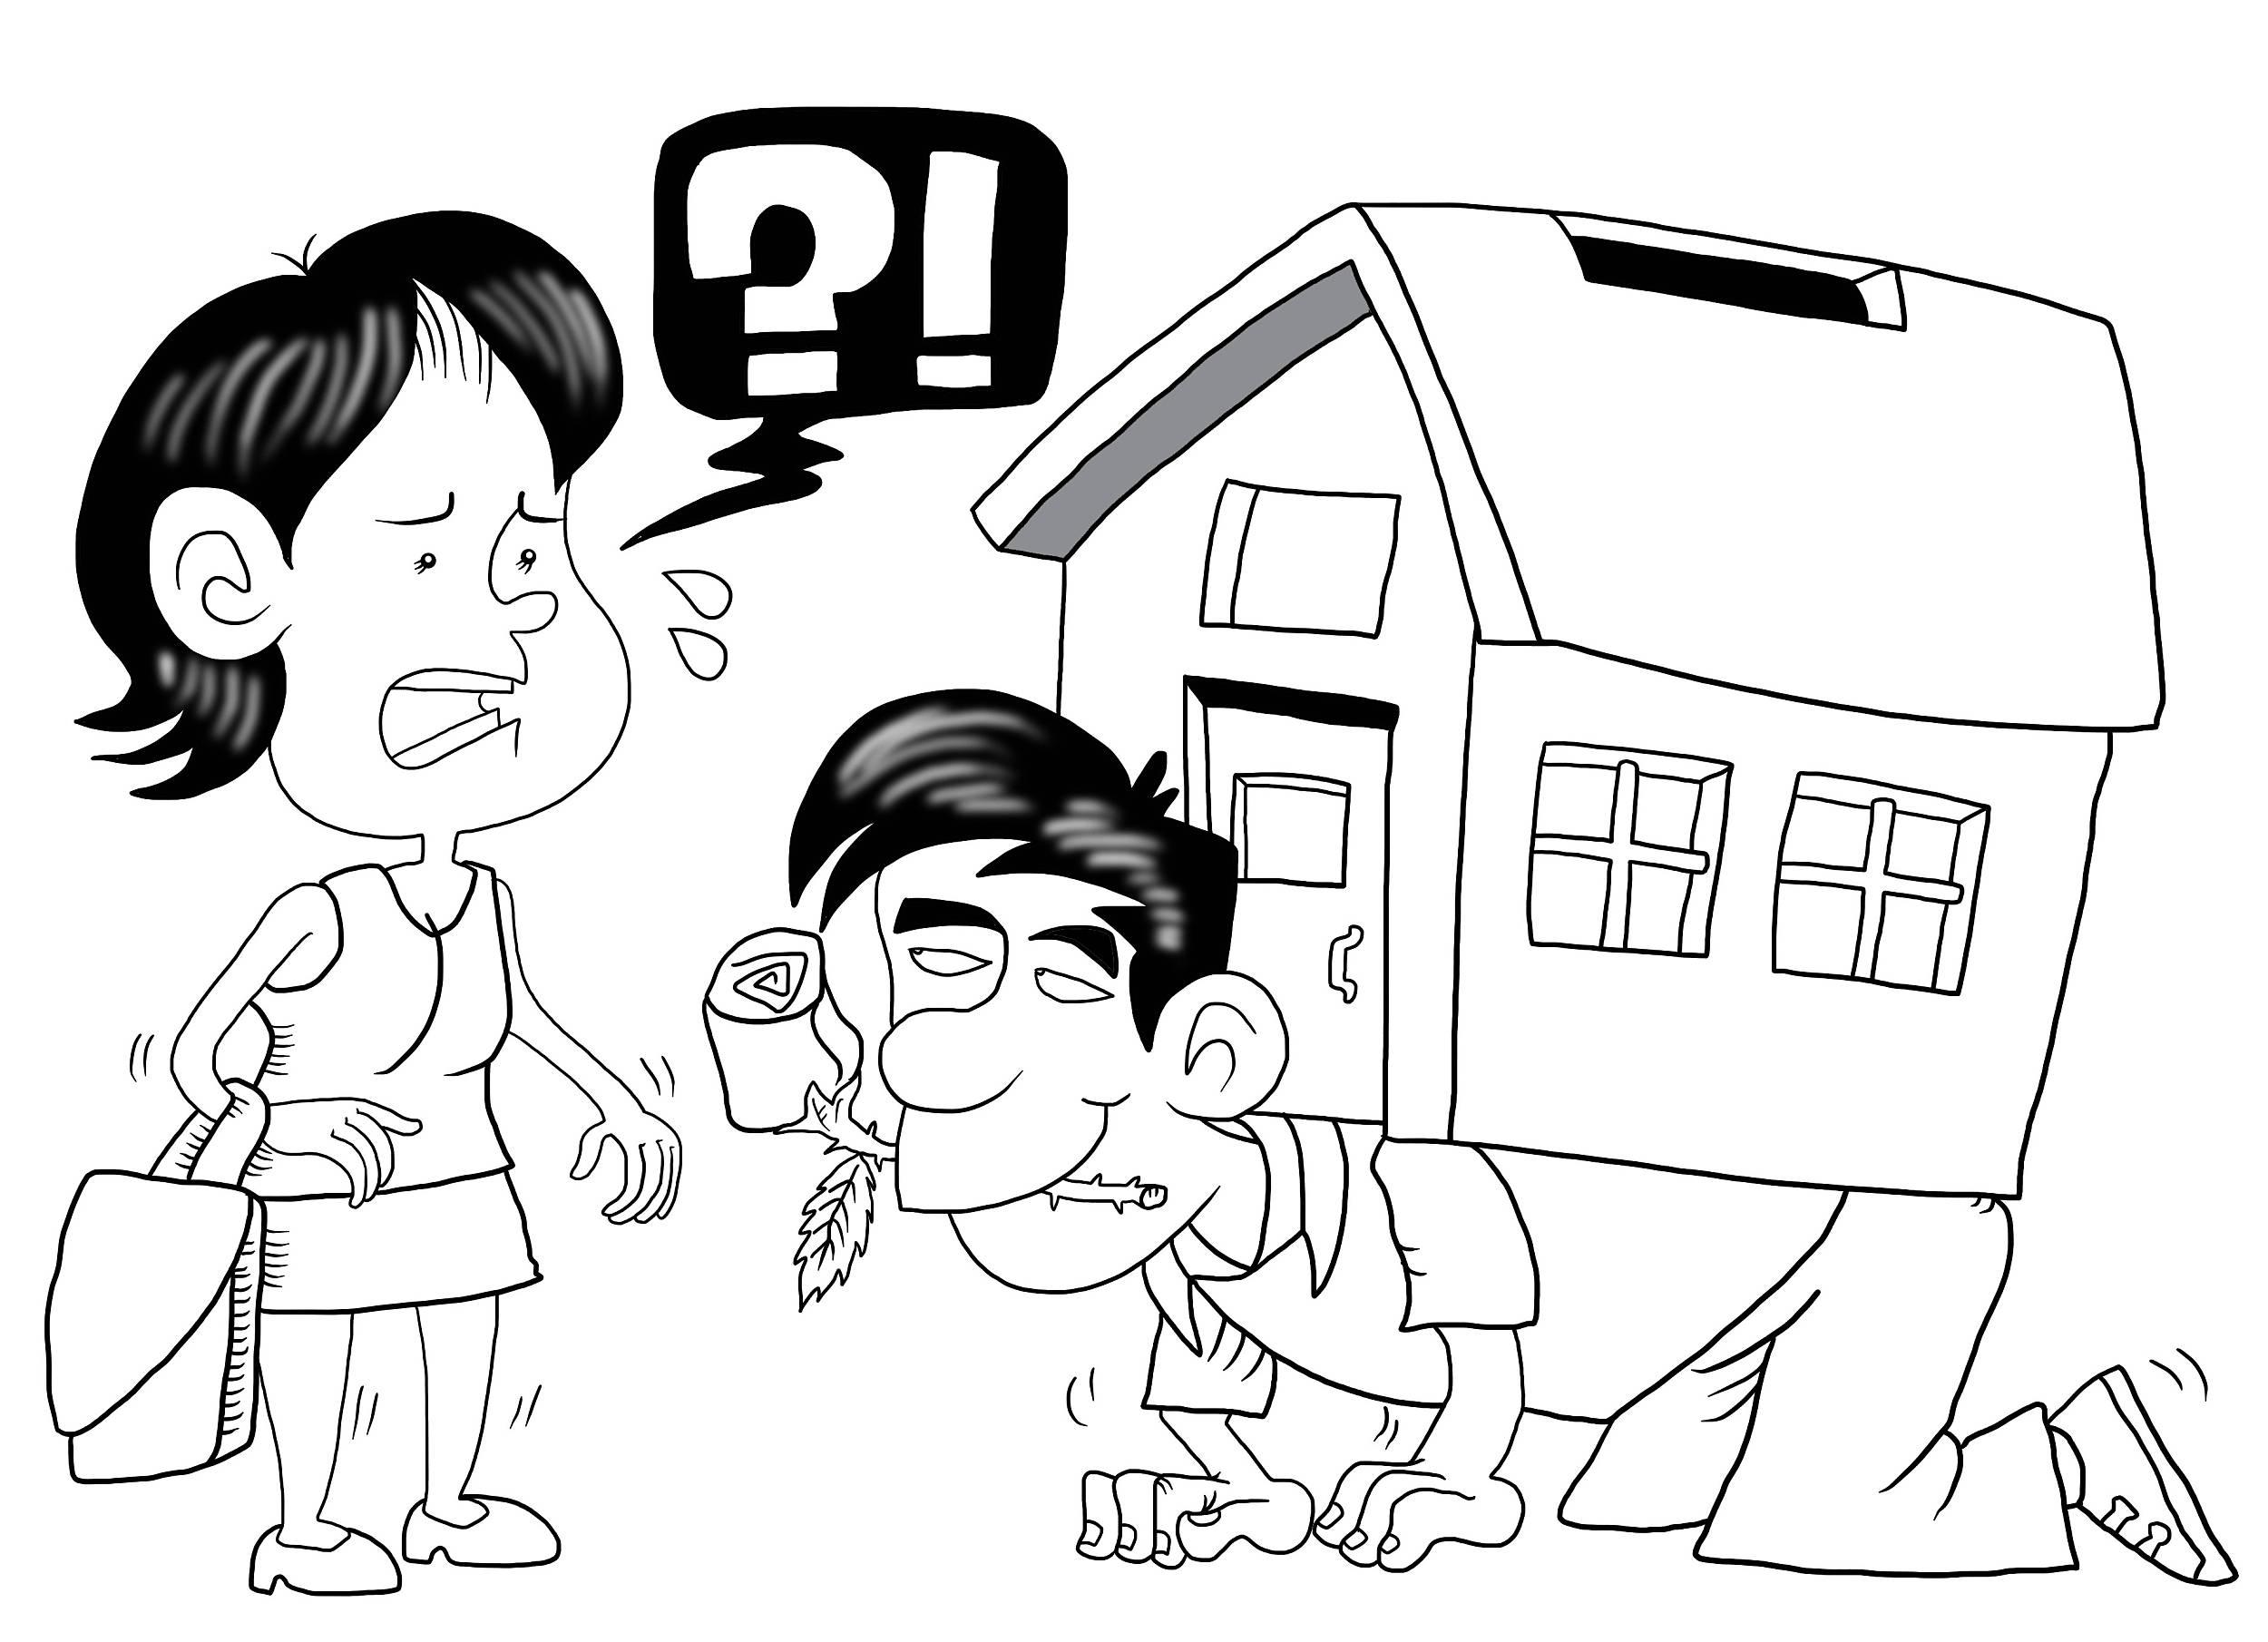 个人不良贷款可以批量转让了,房贷、车贷为何没被纳入?